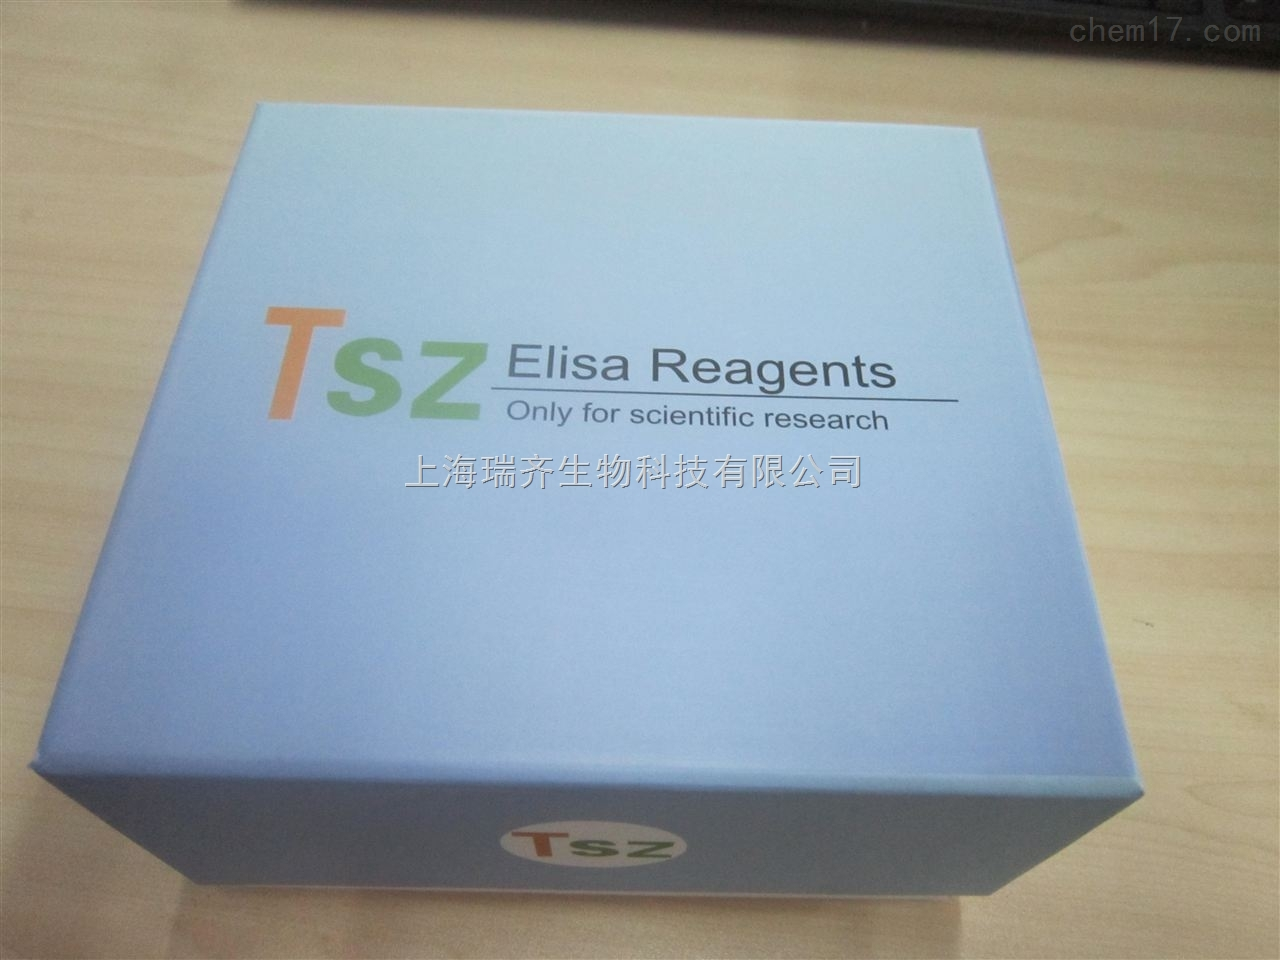 人冷球蛋白(cg)elisa实验试剂盒价格